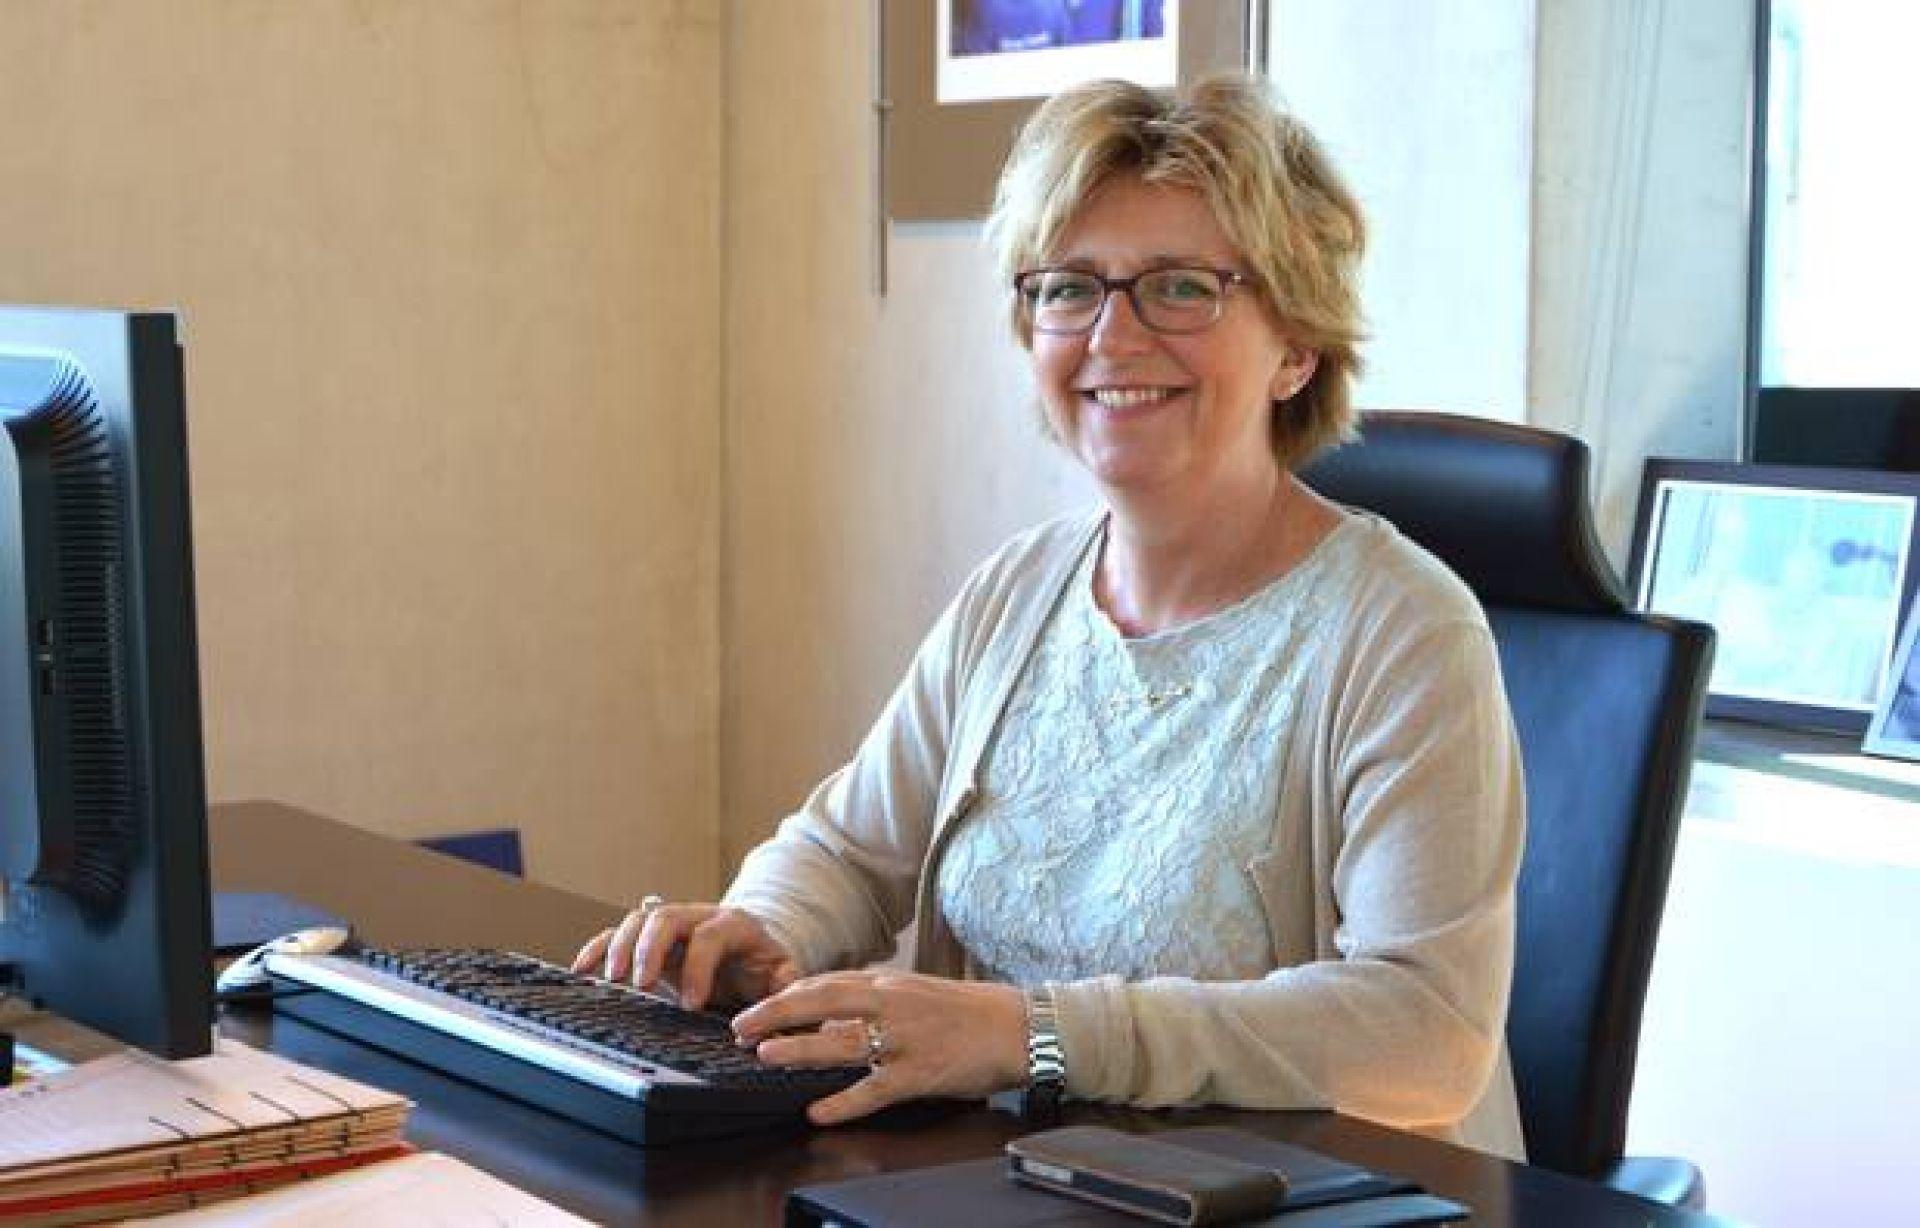 Burgemeester Ellen Nauta blikt terug op jaar in kersttoespraak